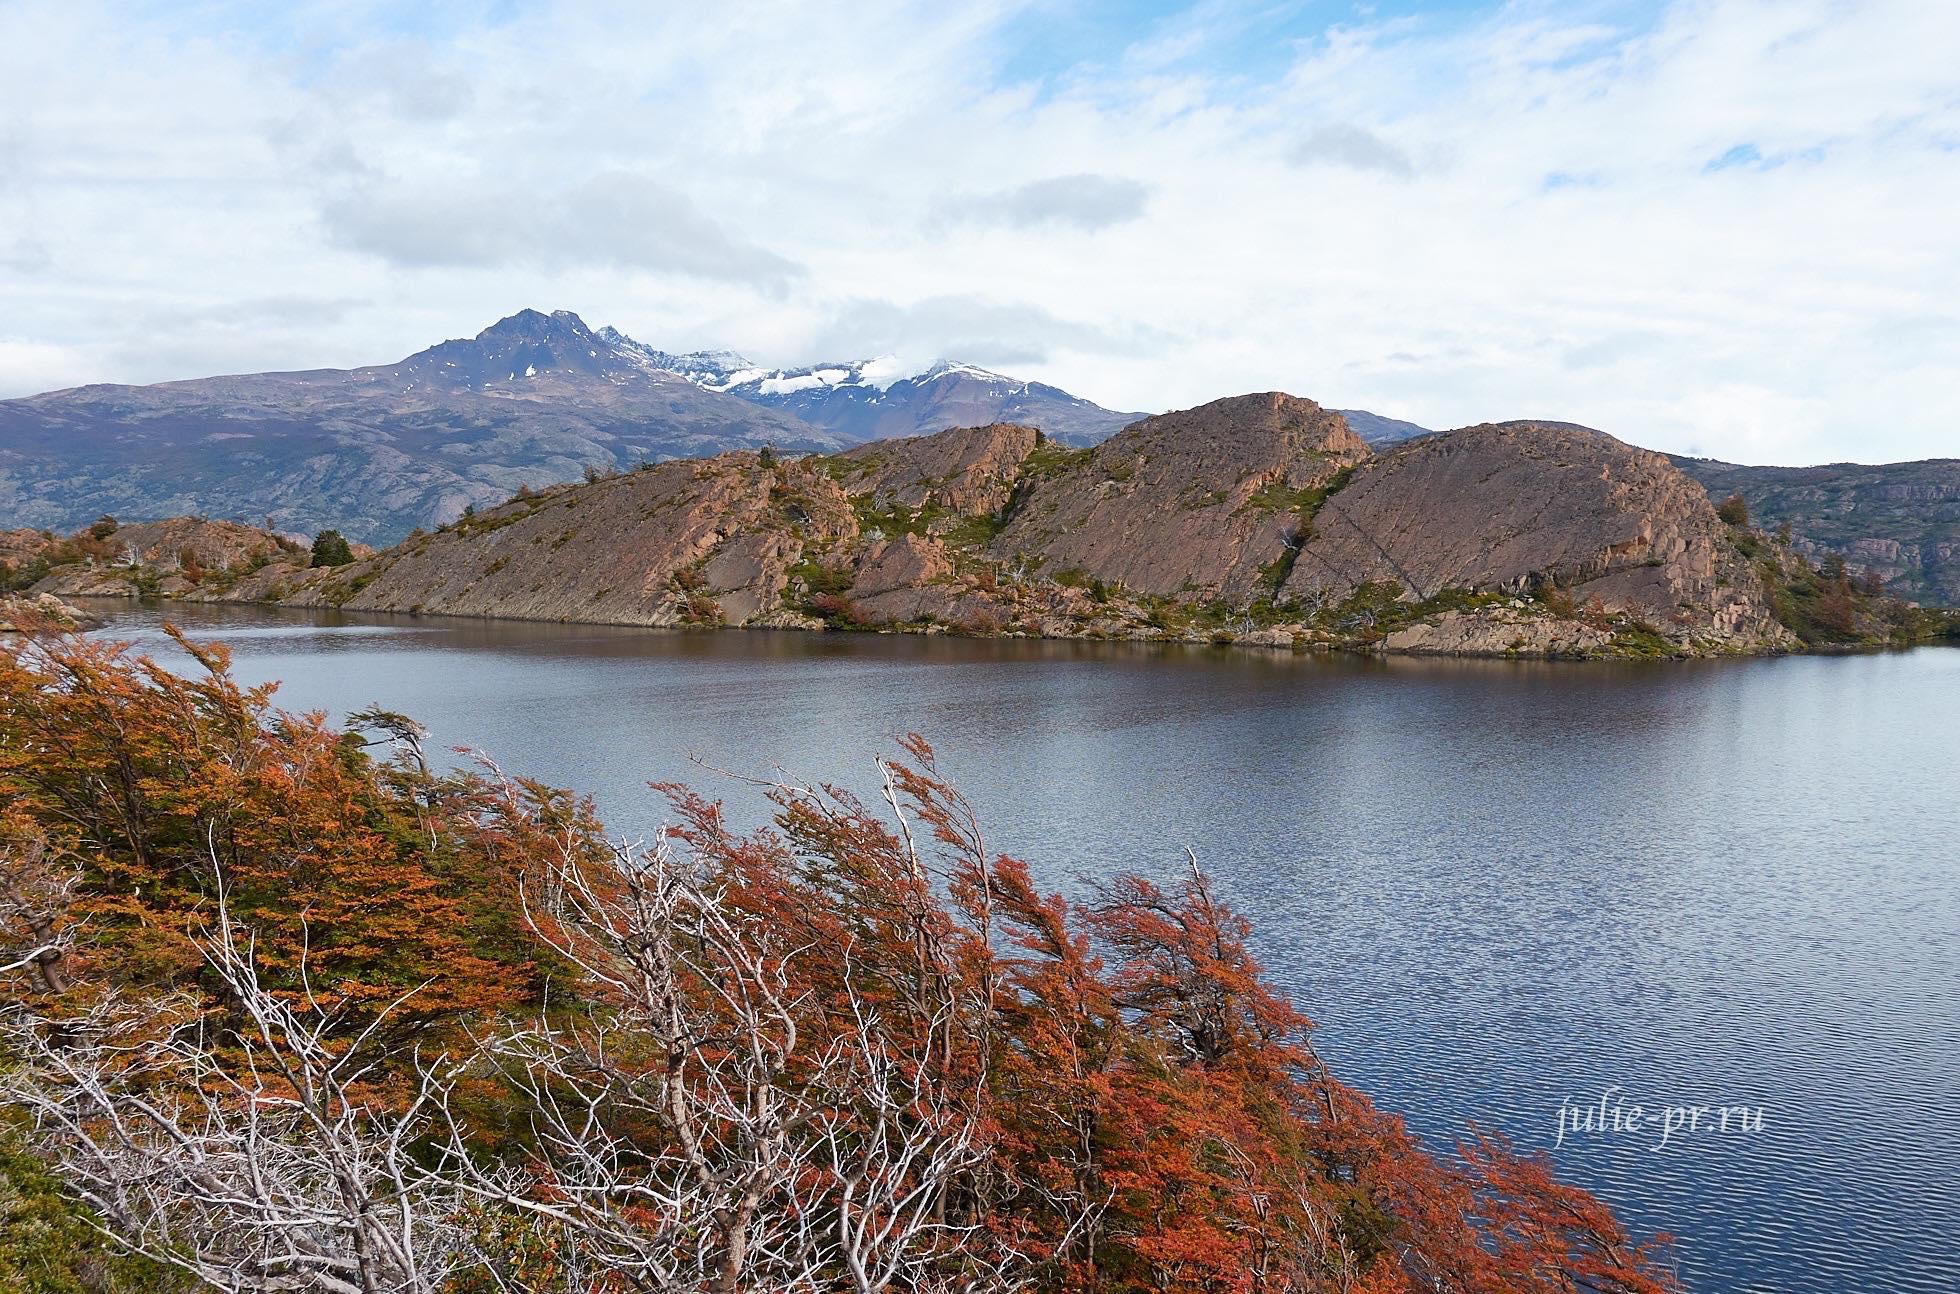 Чили, Патагония, Торрес-дель-Пайне, лагуна Лос-Патос